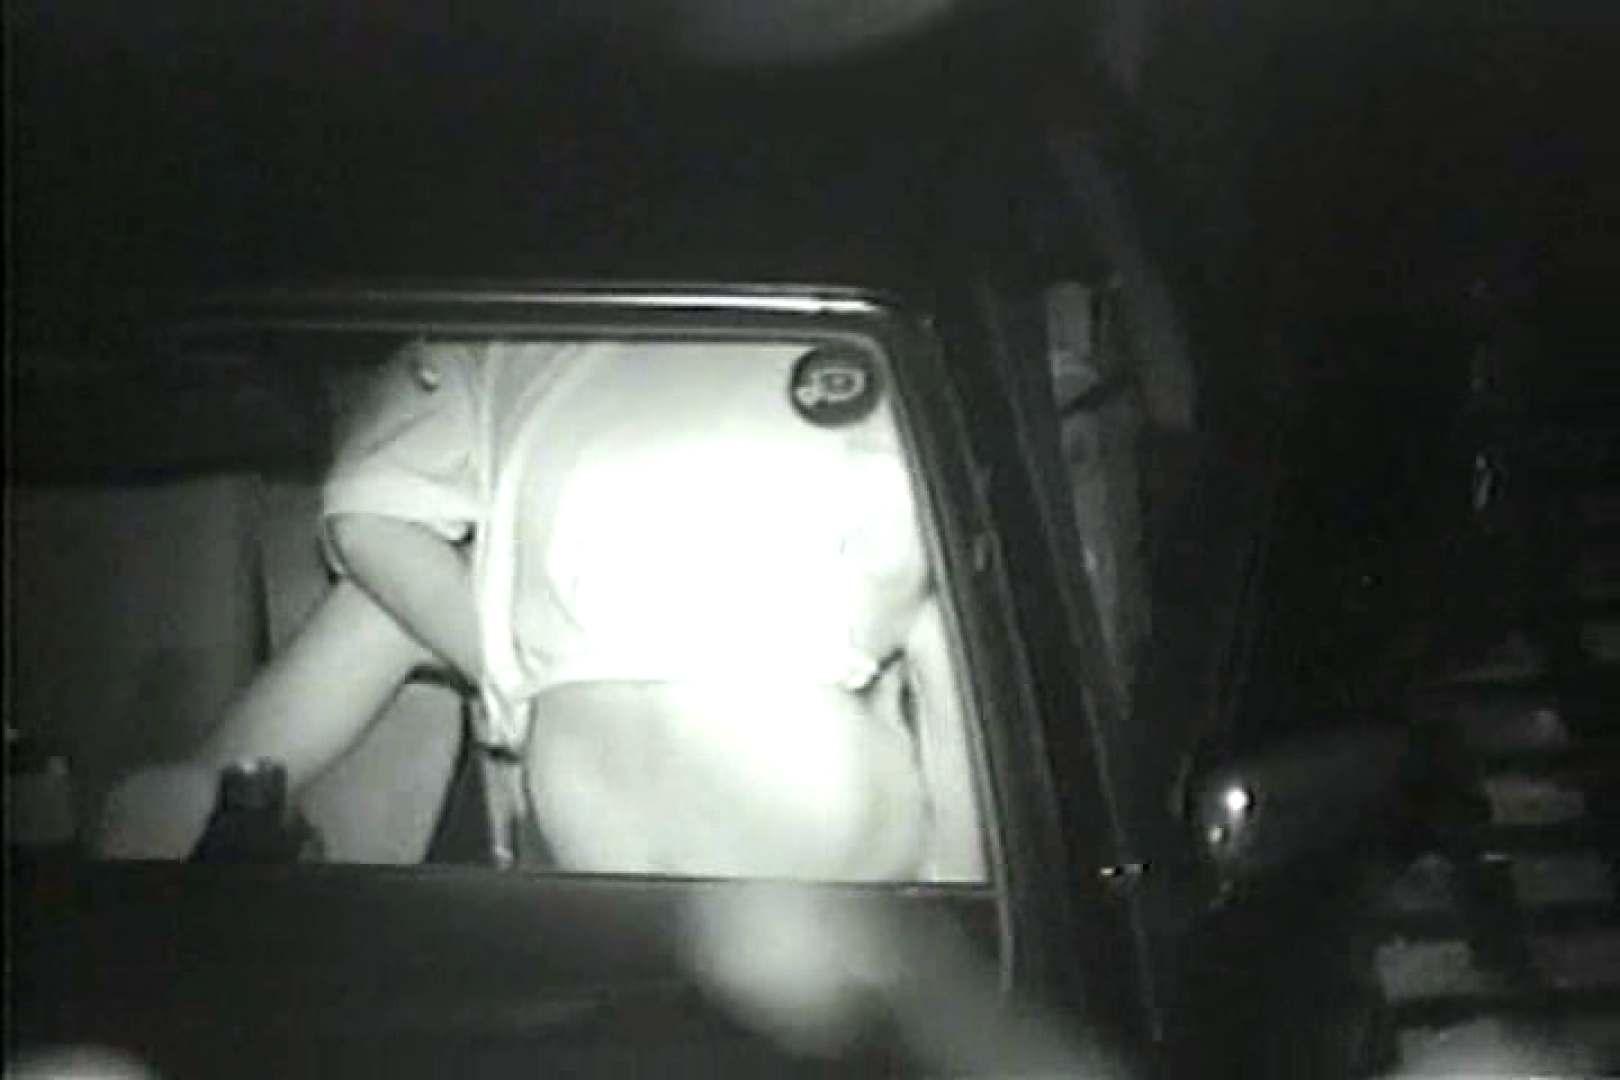 車の中はラブホテル 無修正版  Vol.9 望遠 盗撮ヌード画像 58pic 19